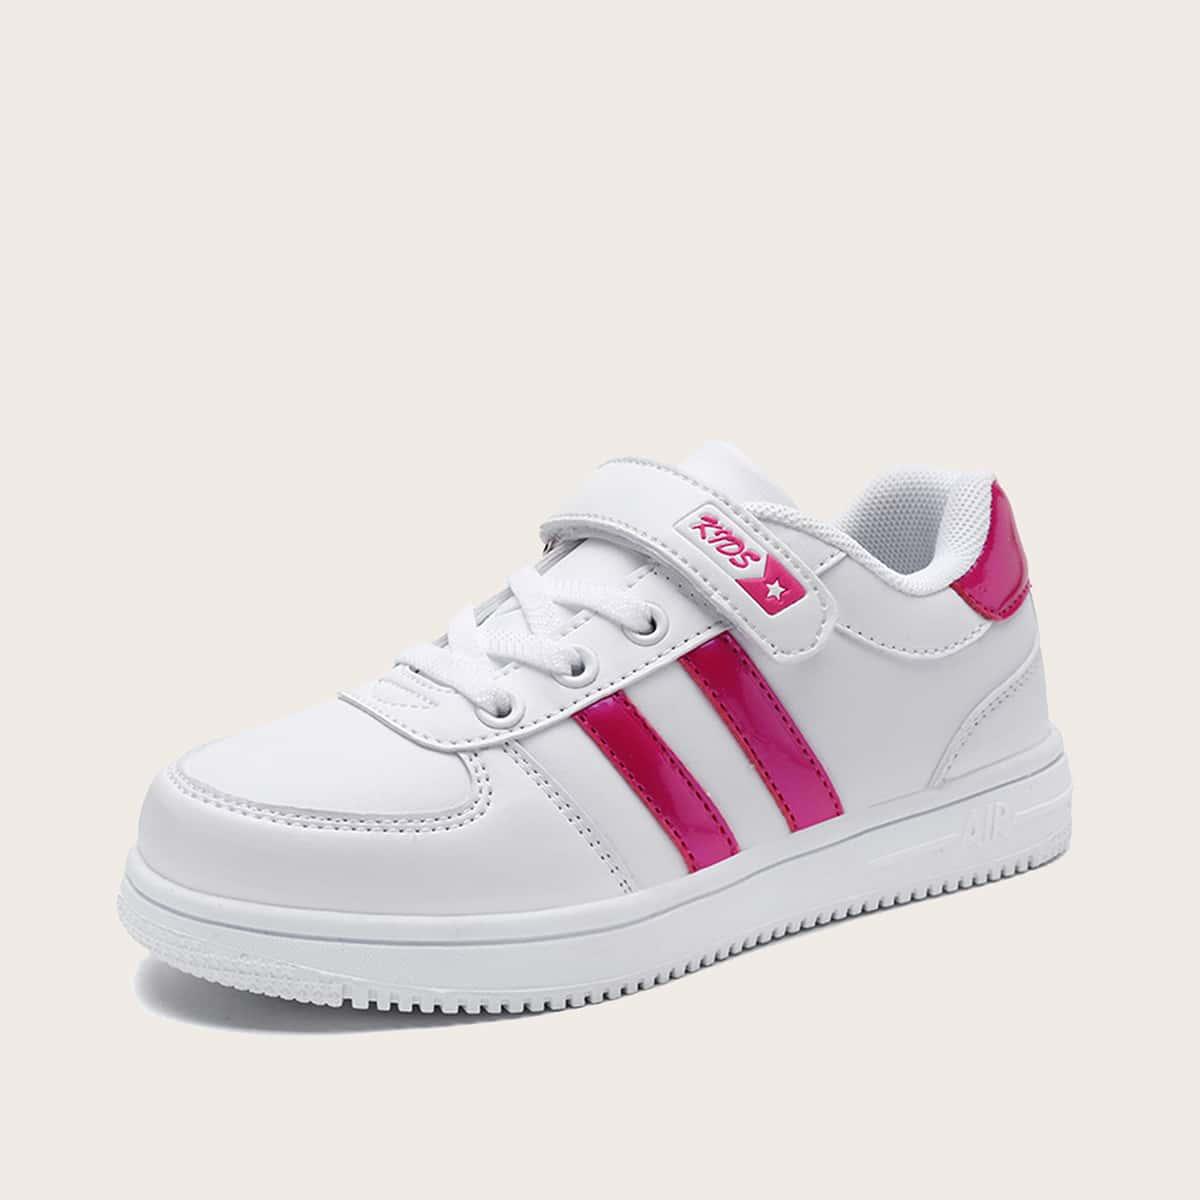 Туфли на липучке с полосатым принтом для девочек от SHEIN